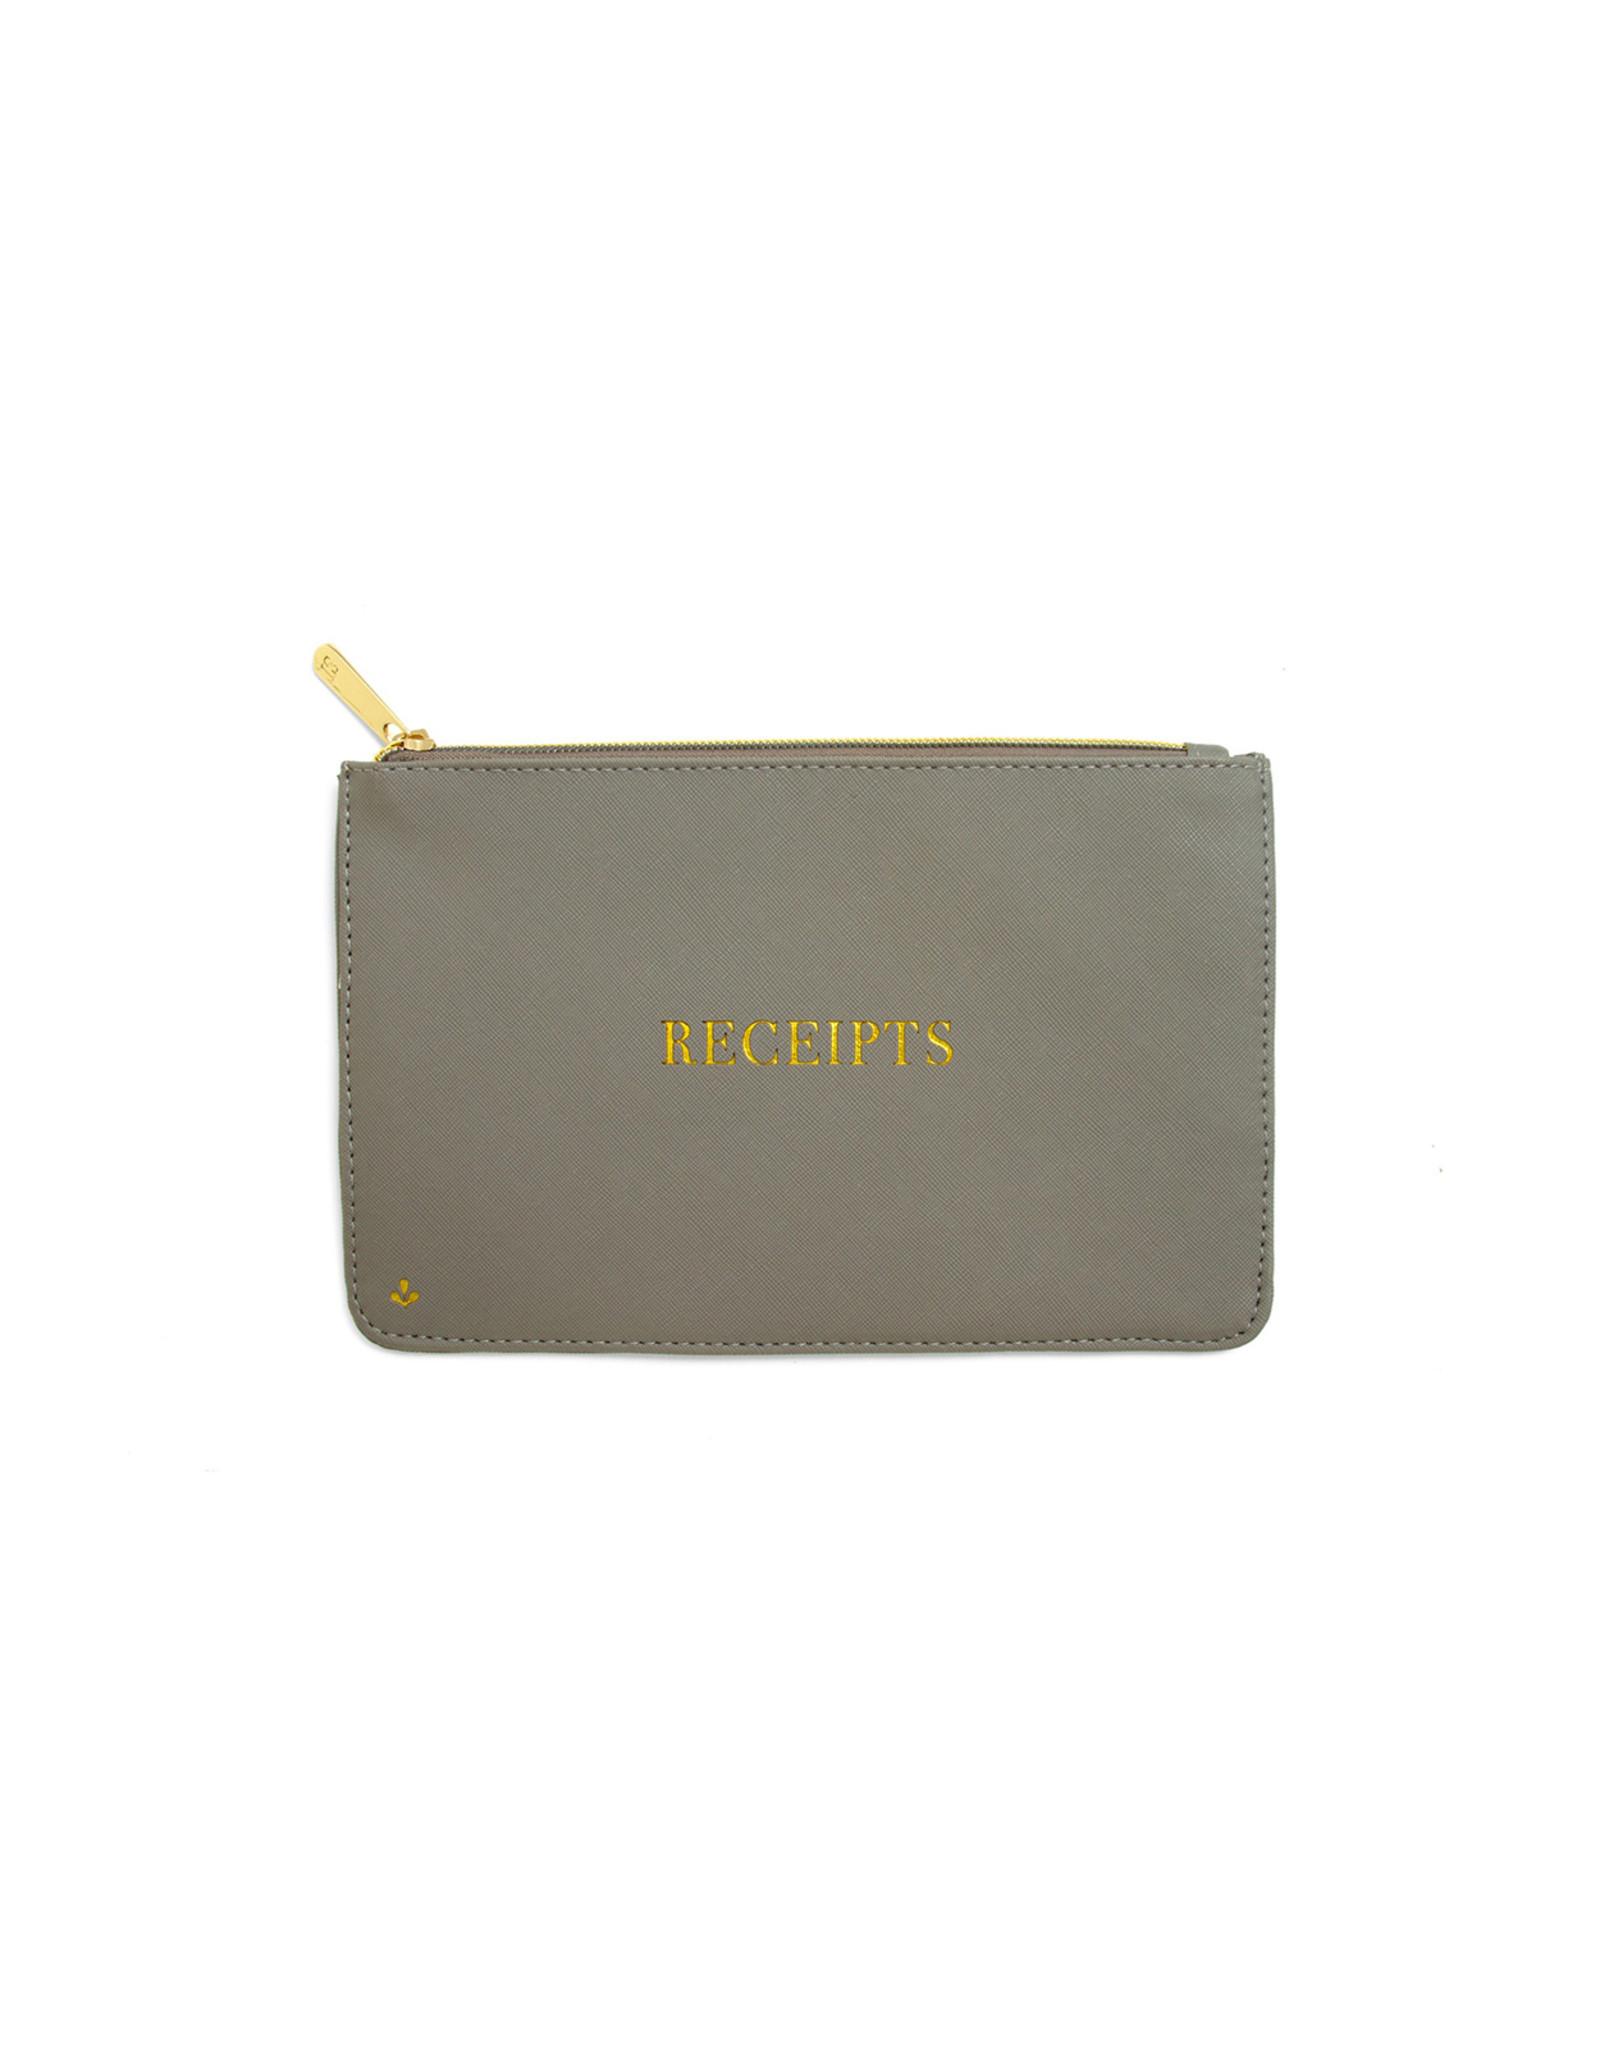 Splendid Iris 8x5 Zipper Pouch - Receipts - Grey